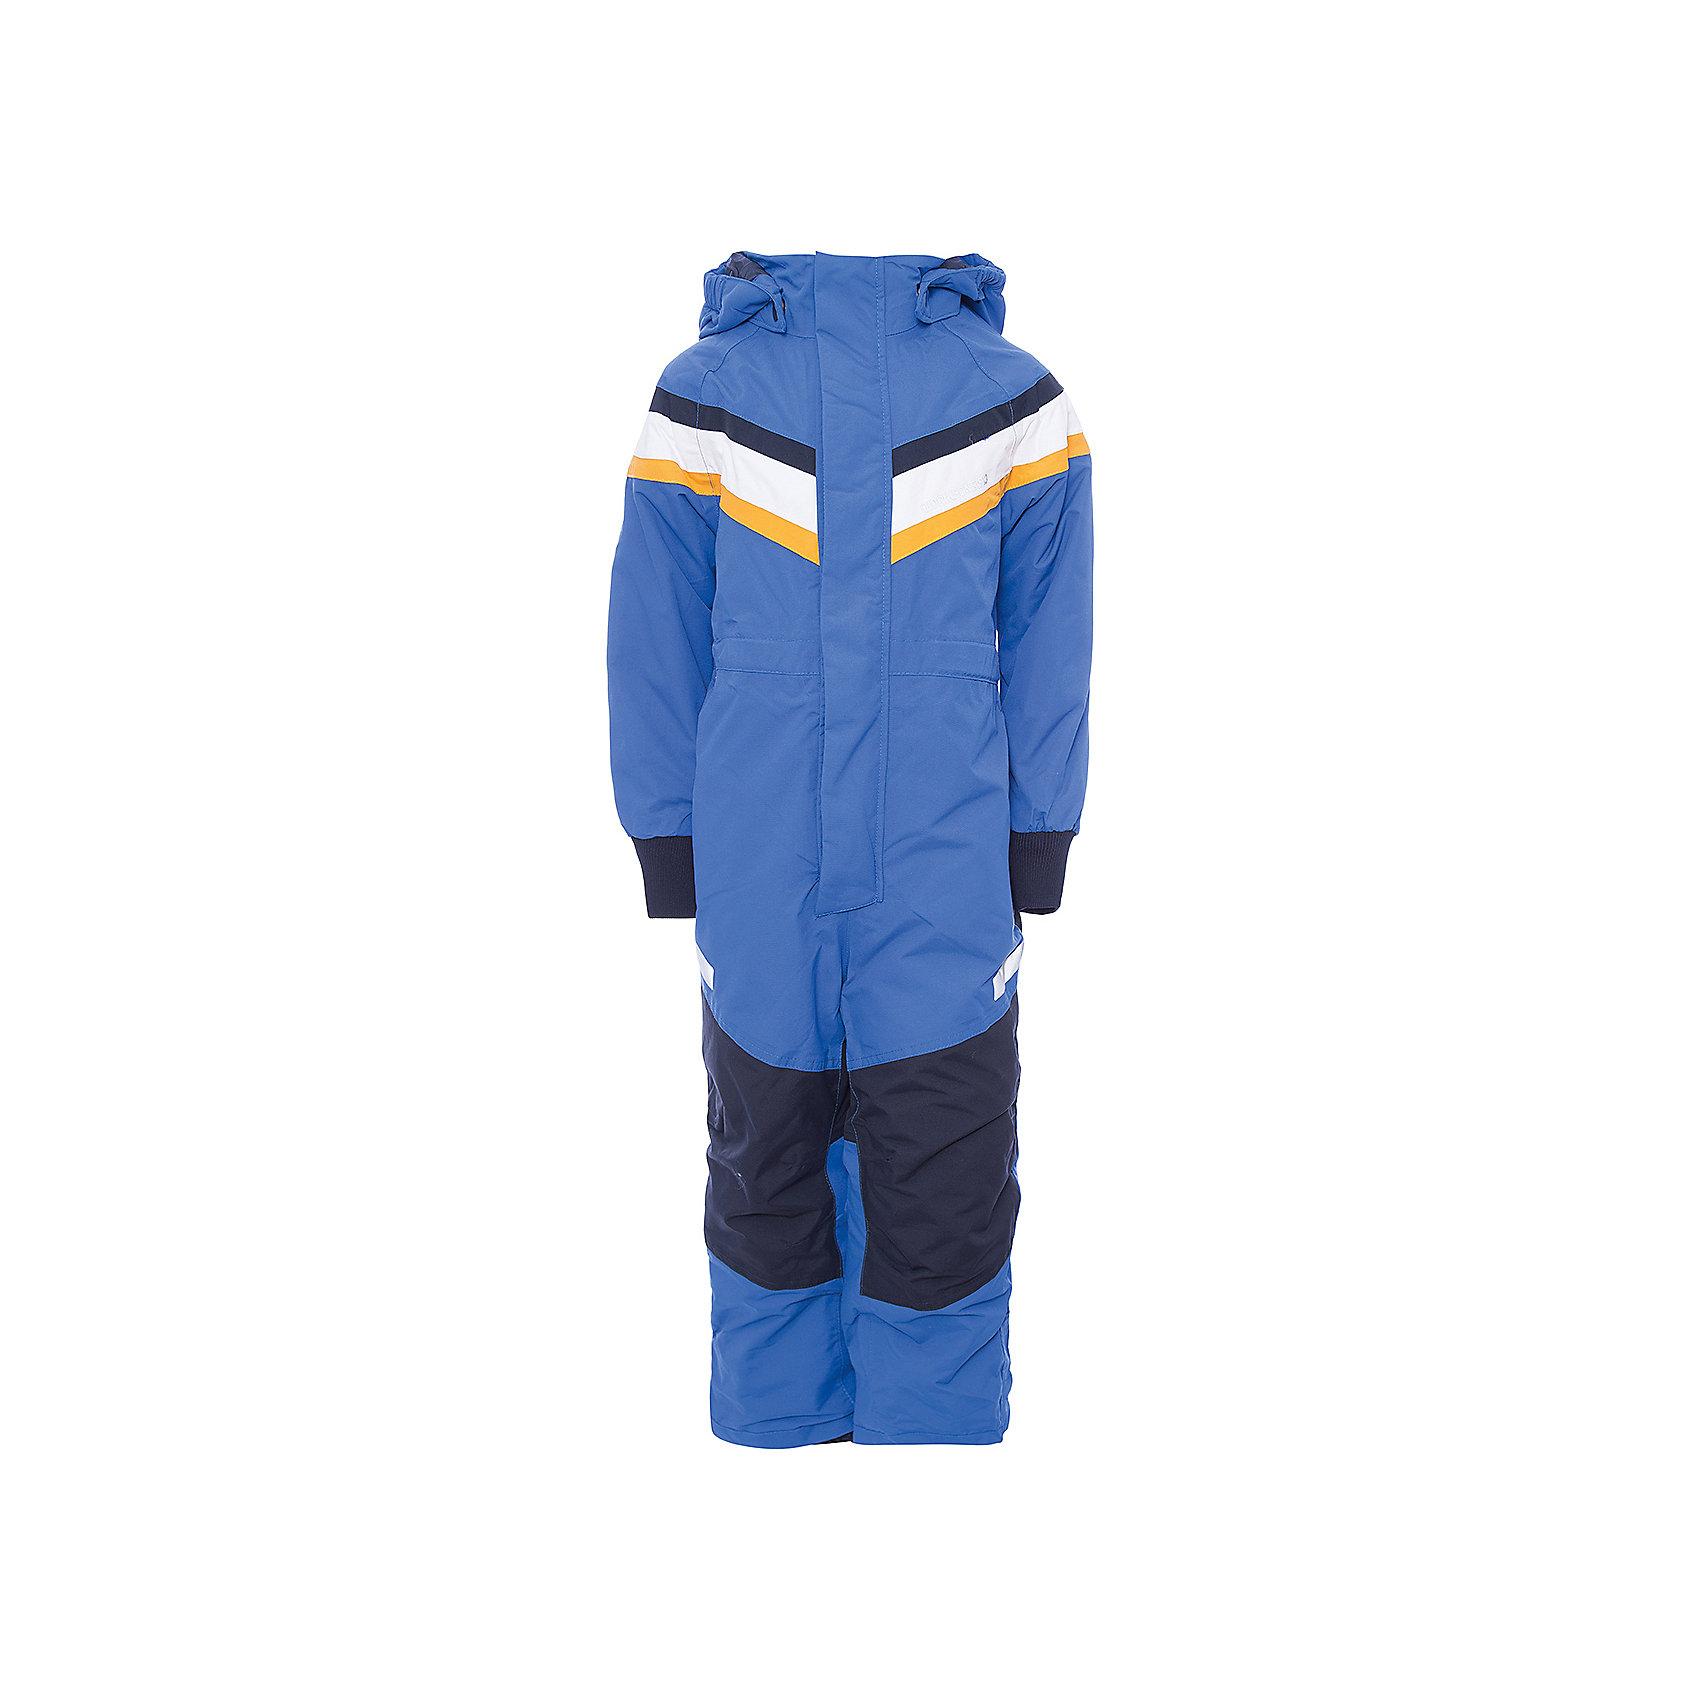 Комбинезон ROMME DIDRIKSONS для мальчикаВерхняя одежда<br>Характеристики товара:<br><br>• цвет: синий<br>• состав ткани: 100% полиэстер<br>• подкладка: 100% полиэстер<br>• утеплитель: 100% полиэстер<br>• сезон: зима<br>• мембранное покрытие<br>• температурный режим: от -20 до 0<br>• водонепроницаемость: 10000 мм <br>• паропроницаемость: 4000 г/м2<br>• плотность утеплителя: 140г/м2<br>• швы проклеены<br>• капюшон: без меха, съемный<br>• застежка: молния, кнопки<br>• регулируемые капюшон, талия, рукава и ширина штанин<br>• снежные гетры<br>• крепления для перчаток и ботинок<br>• светоотражающие детали<br>• конструкция позволяет увеличить длину рукава и штанин на один размер<br>• страна бренда: Швеция<br>• страна изготовитель: Китай<br><br>Такой детский комбинезон от известного шведского бренда теплый и легкий. Мембранный зимний комбинезон для ребенка отличается стильным дизайном. Непромокаемый и непродуваемый материал верха детского комбинезона защитит от холода, промокания и грязи. Удобный комбинезон для мальчика Didriksons поможет ребенку наслаждаться зимними развлечениями и не бояться замерзнуть. <br><br>Комбинезон для мальчика Romme Didriksons (Дидриксонс) можно купить в нашем интернет-магазине.<br><br>Ширина мм: 356<br>Глубина мм: 10<br>Высота мм: 245<br>Вес г: 519<br>Цвет: голубой<br>Возраст от месяцев: 108<br>Возраст до месяцев: 120<br>Пол: Мужской<br>Возраст: Детский<br>Размер: 140,90,80,100,110,120,130<br>SKU: 7045172